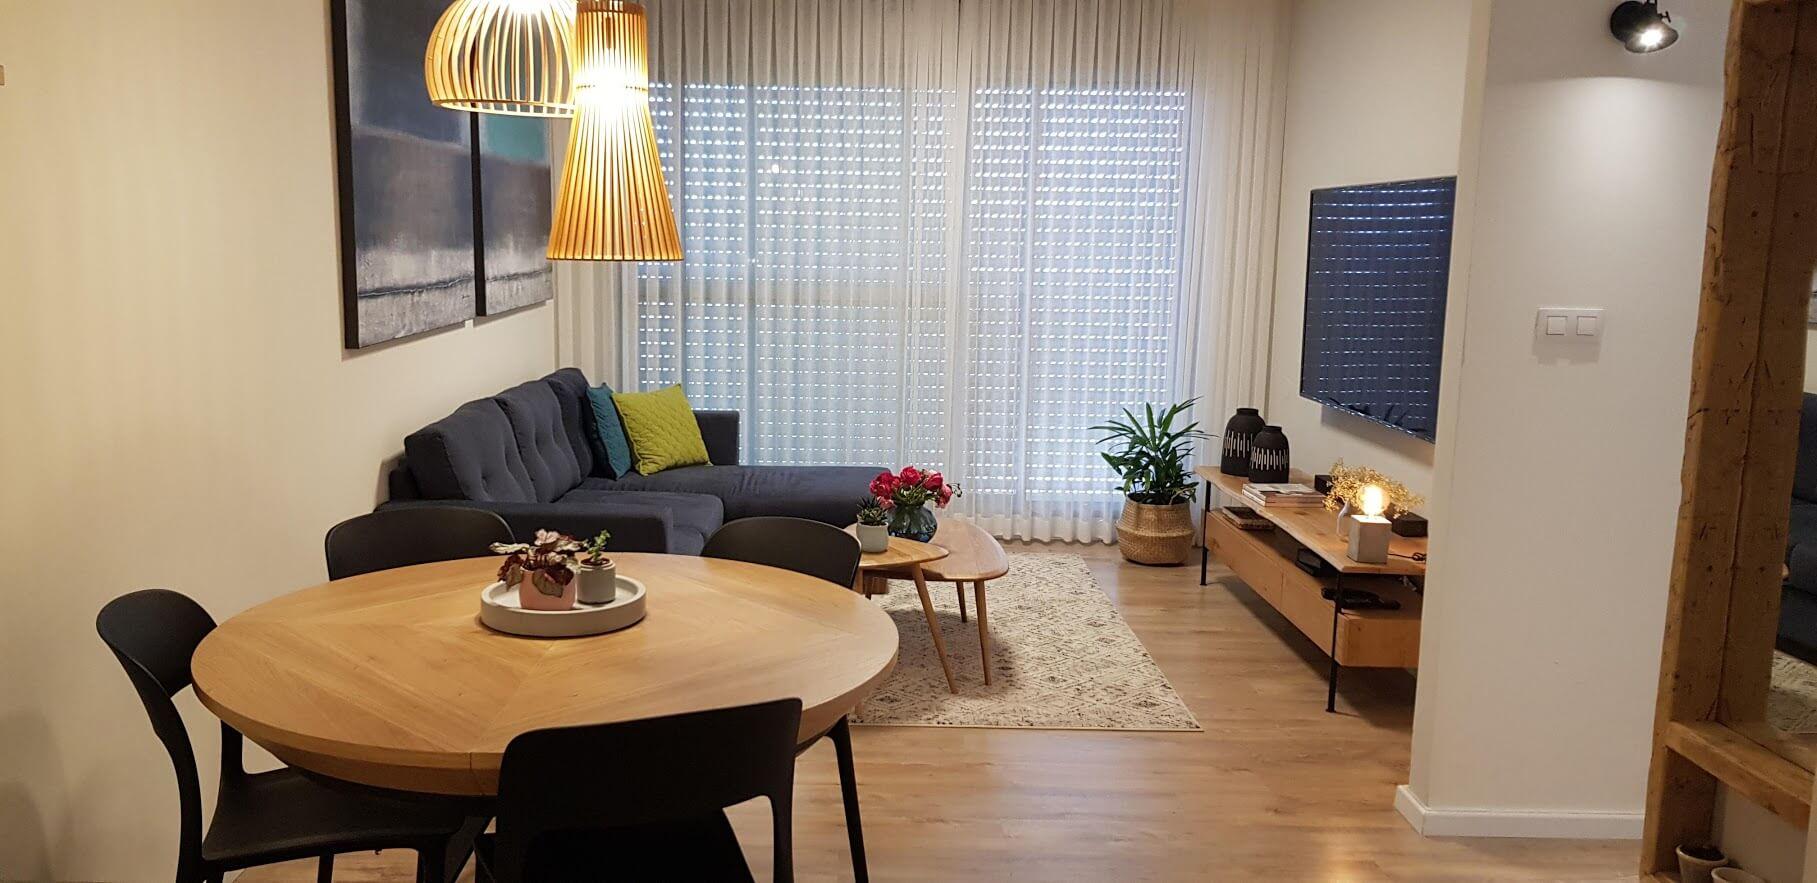 עיצוב דירה קטנה סיגל סיוון ידוב